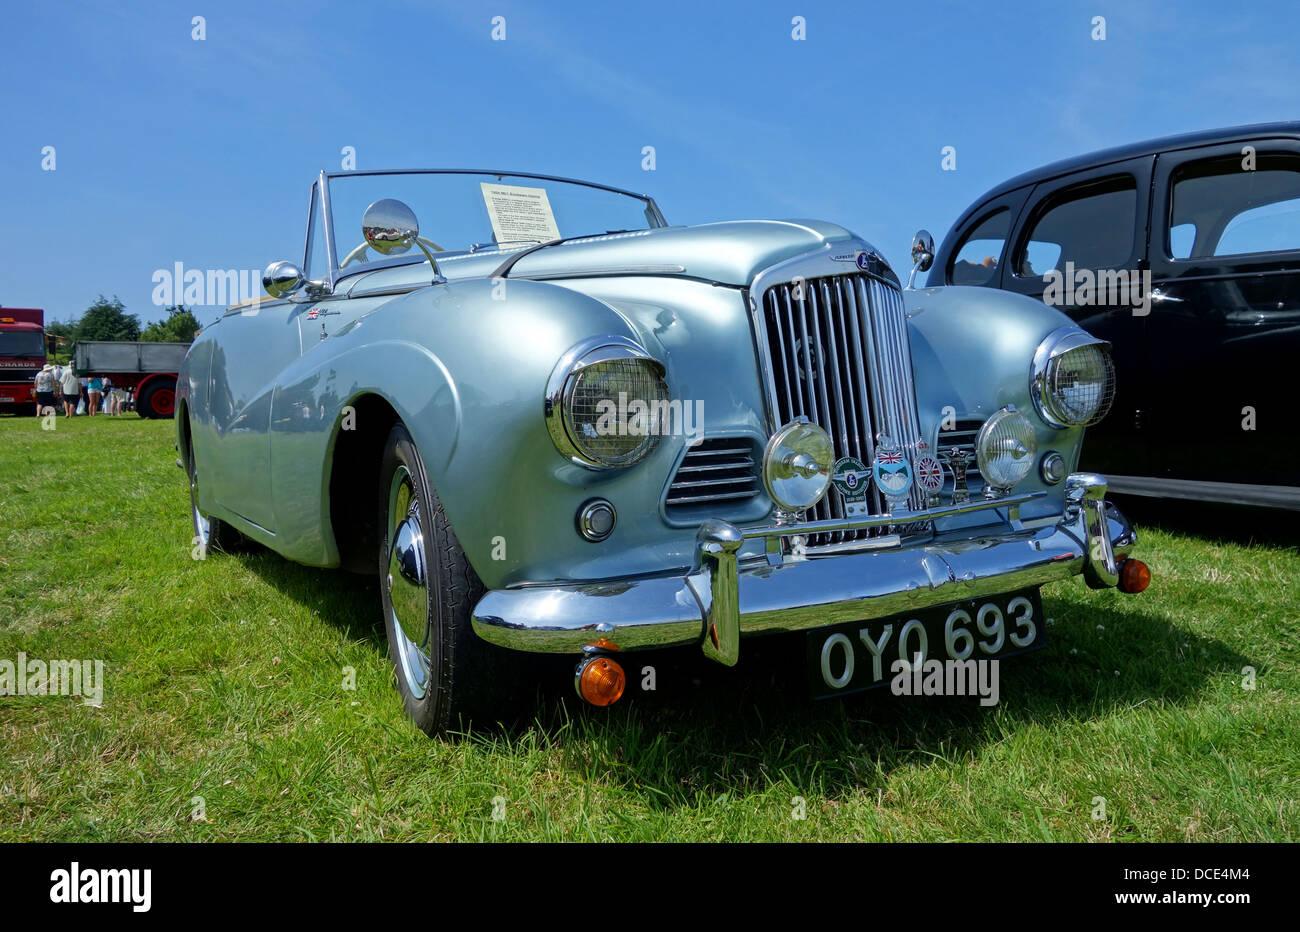 A 1954 mk1 Sunbeam Alpine at a classic car show - Stock Image